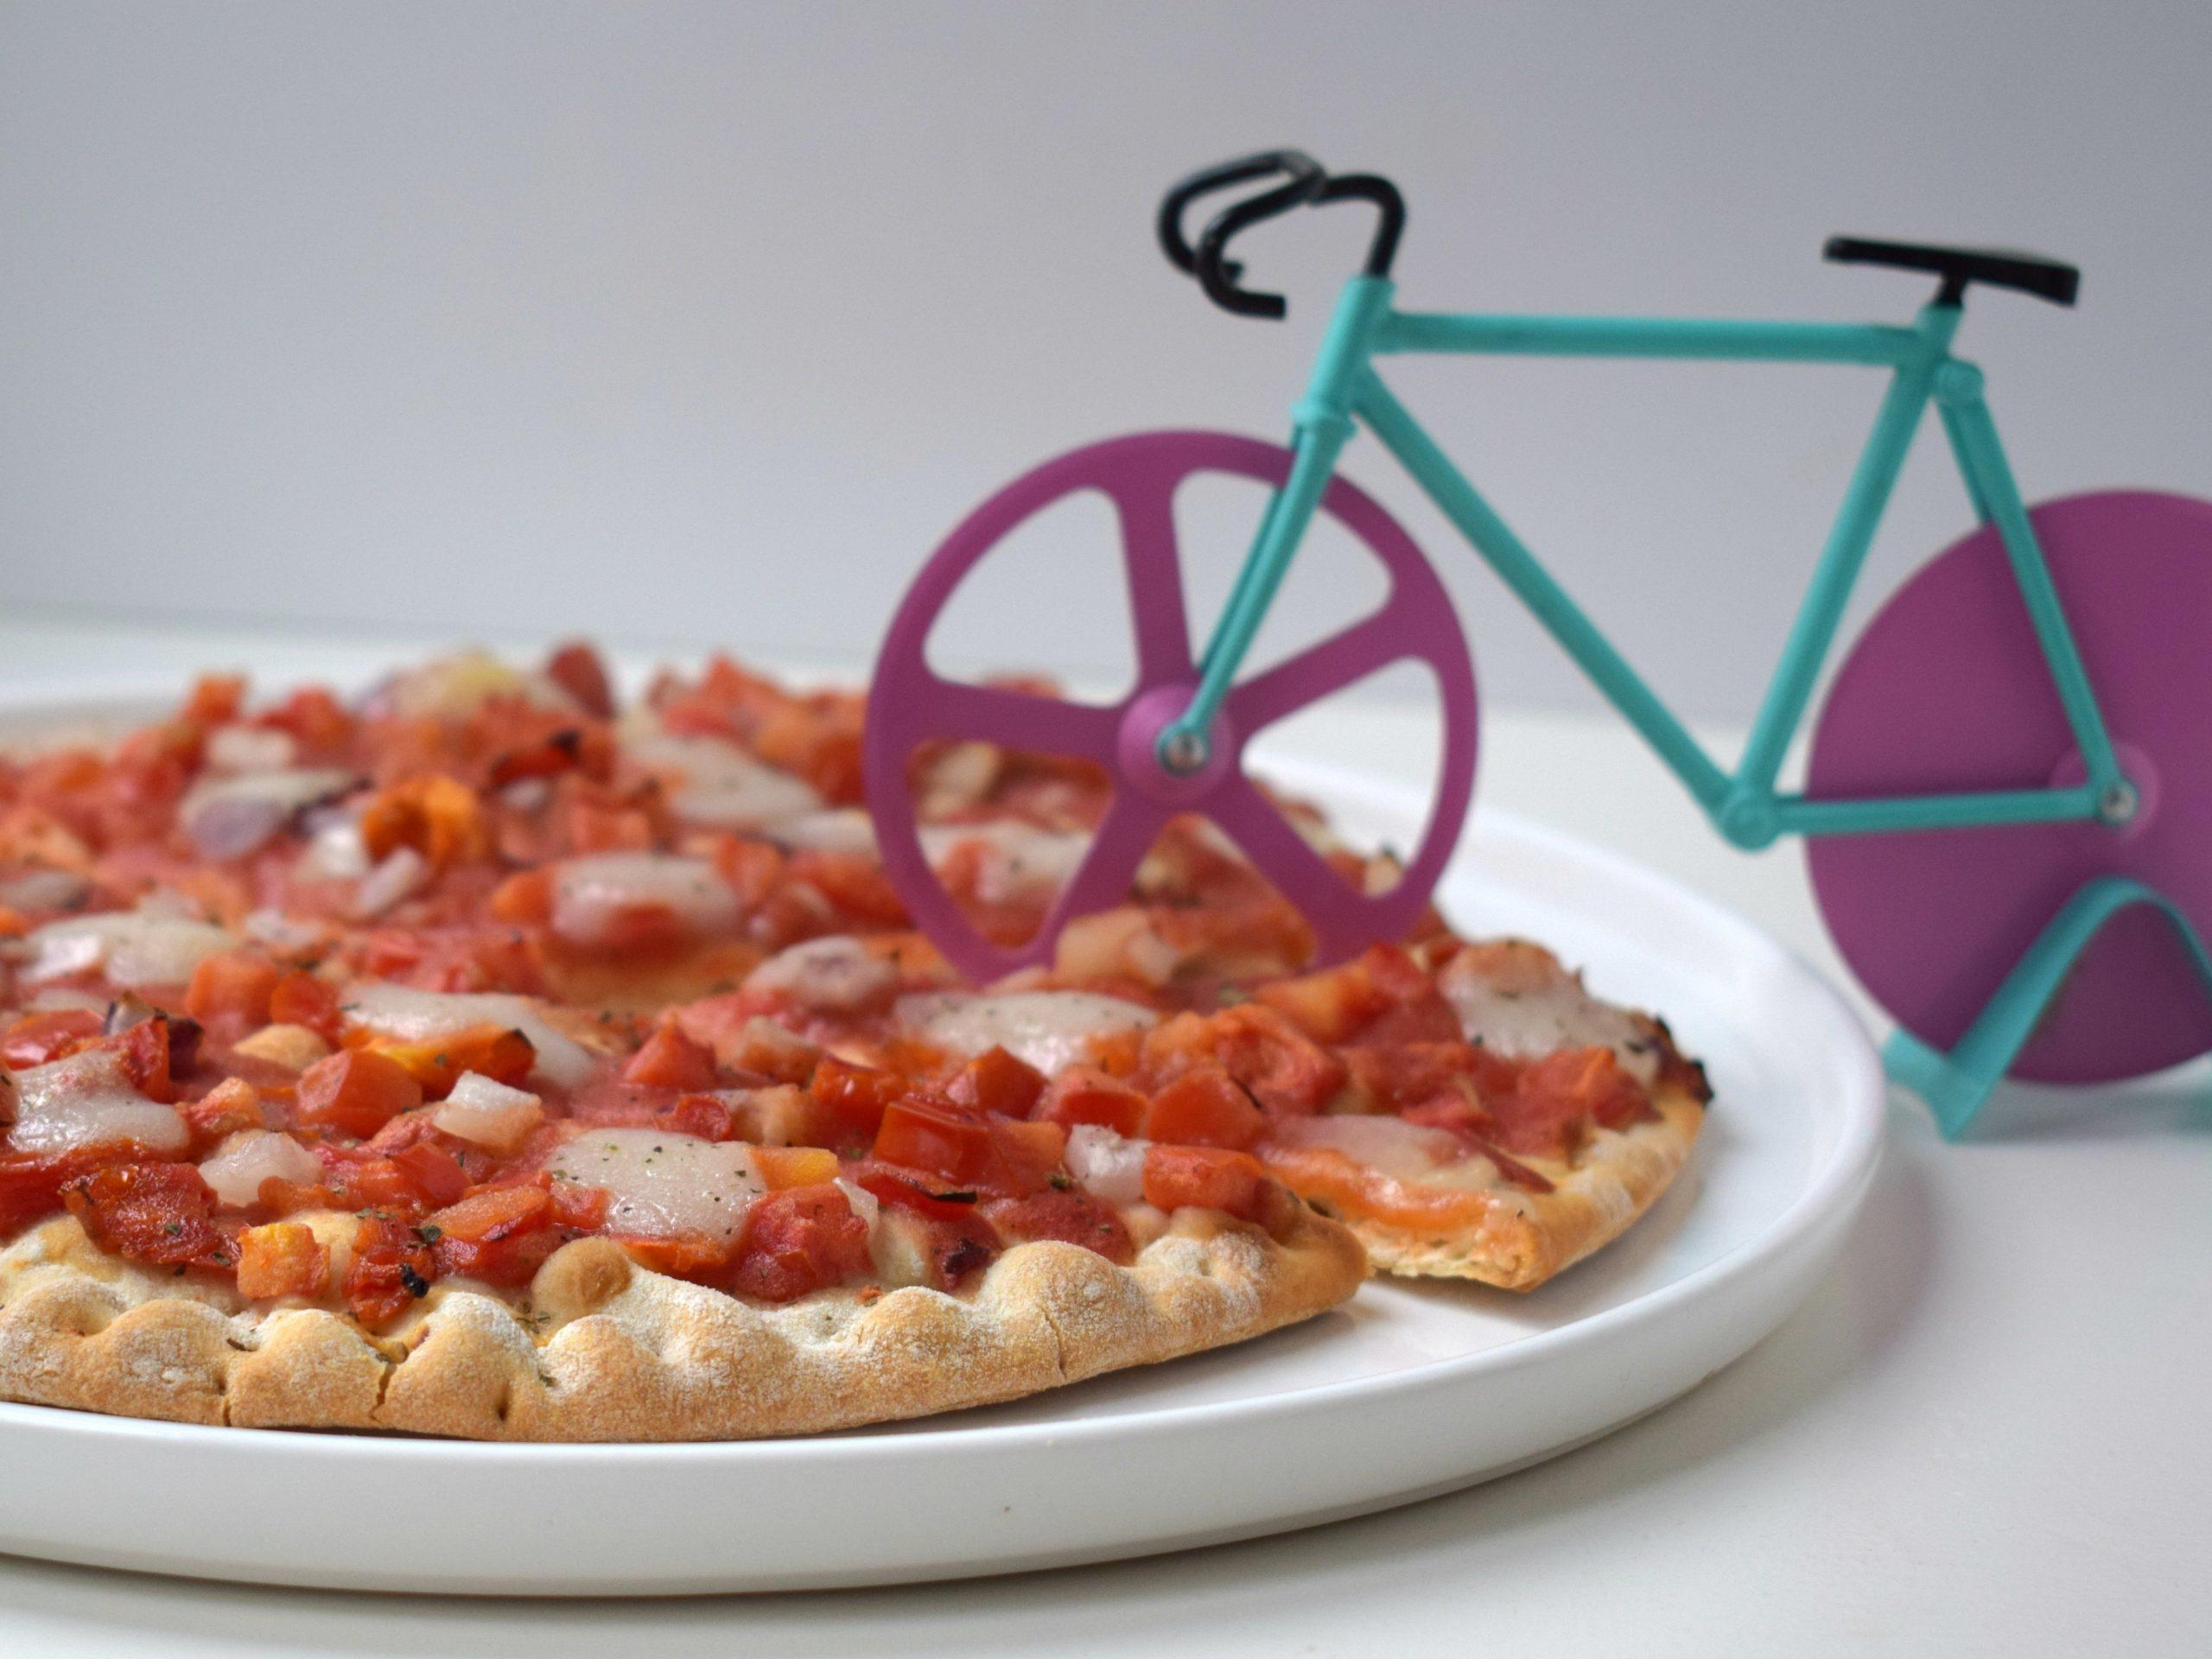 Review: Lidl vegan pizza